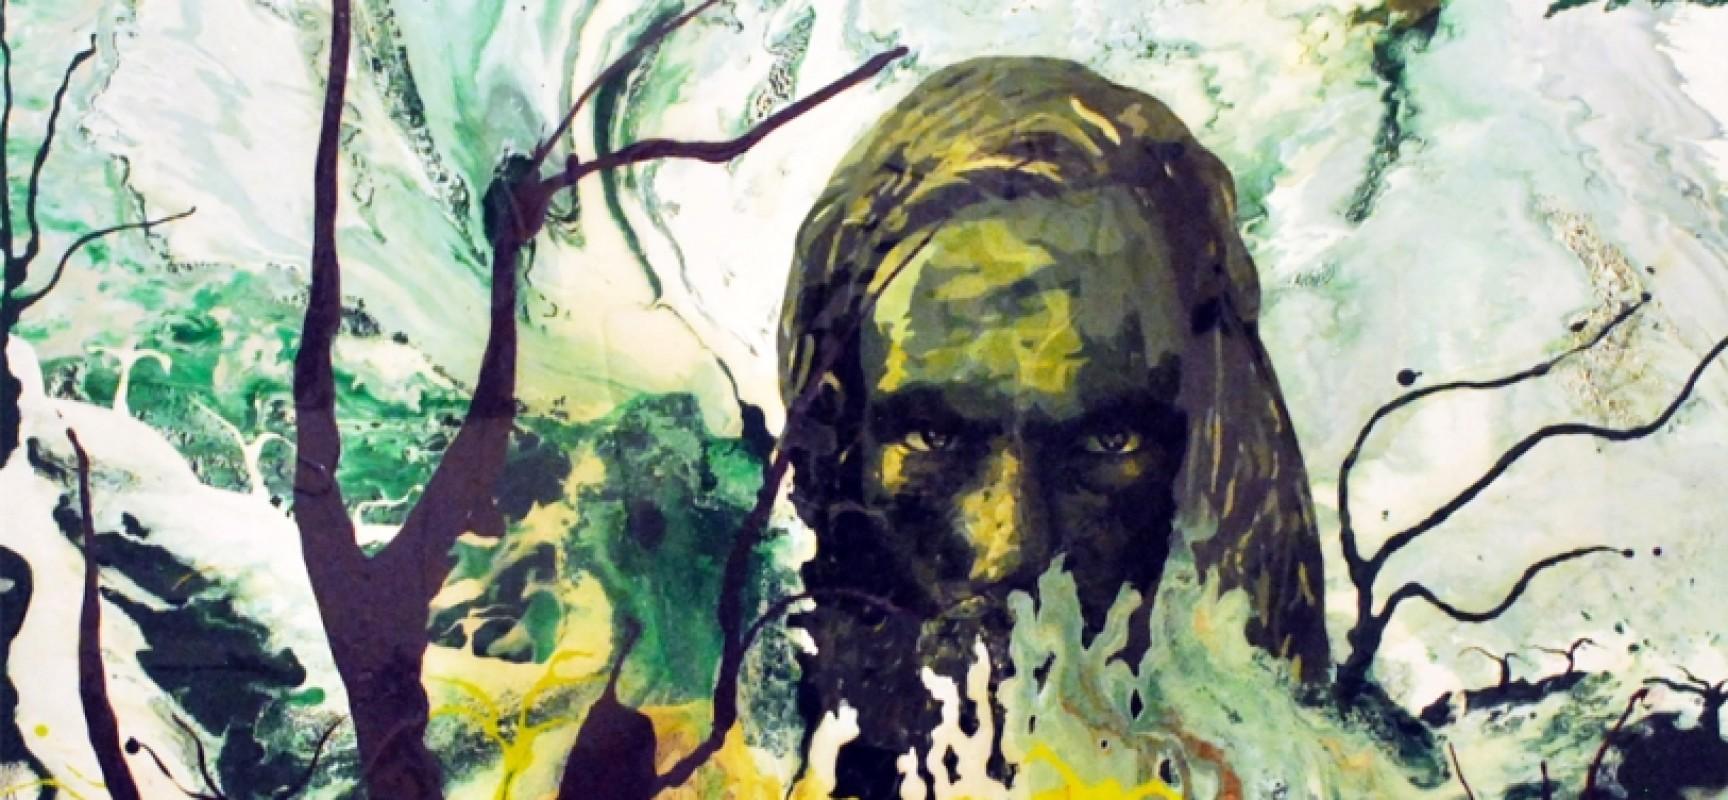 Clochard in mostra con Apocalypse Opera